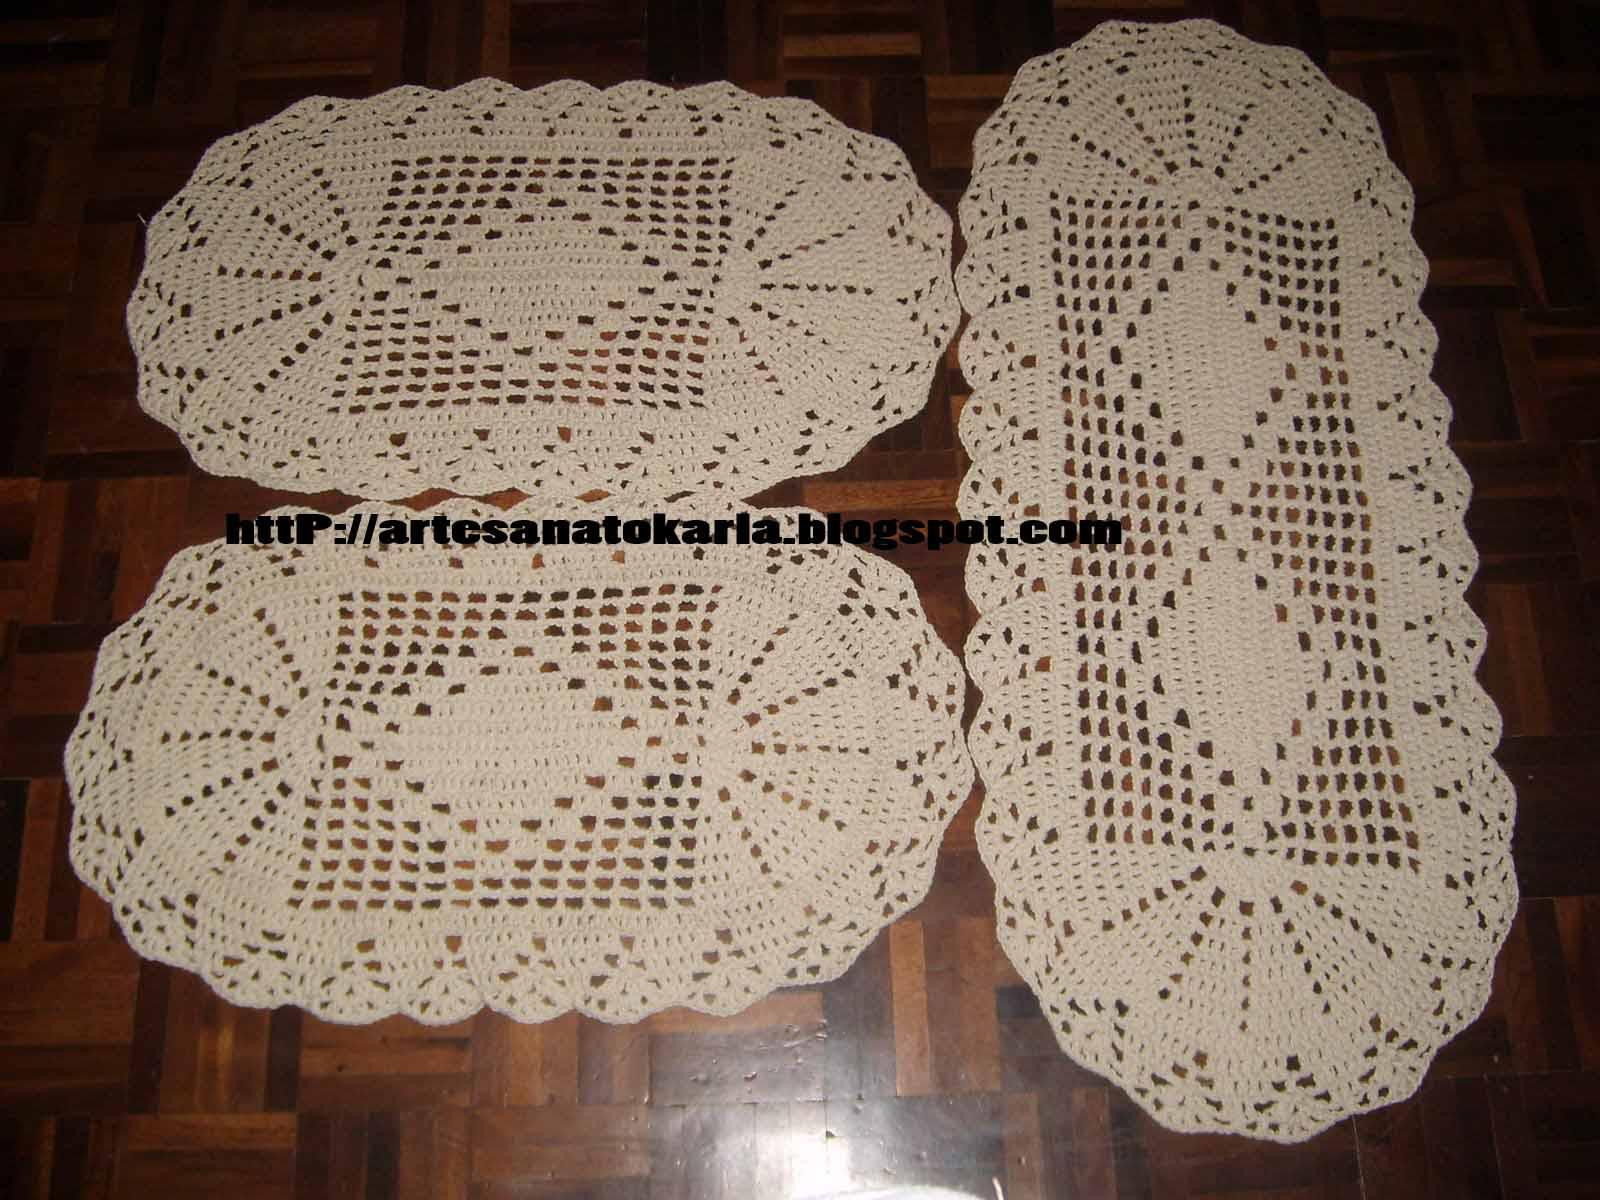 Crochetando com a Karla: Jogo de Tapete em Barbante: artesanatokarla.blogspot.com/2009/02/jogo-de-tapete-em-barbante.html